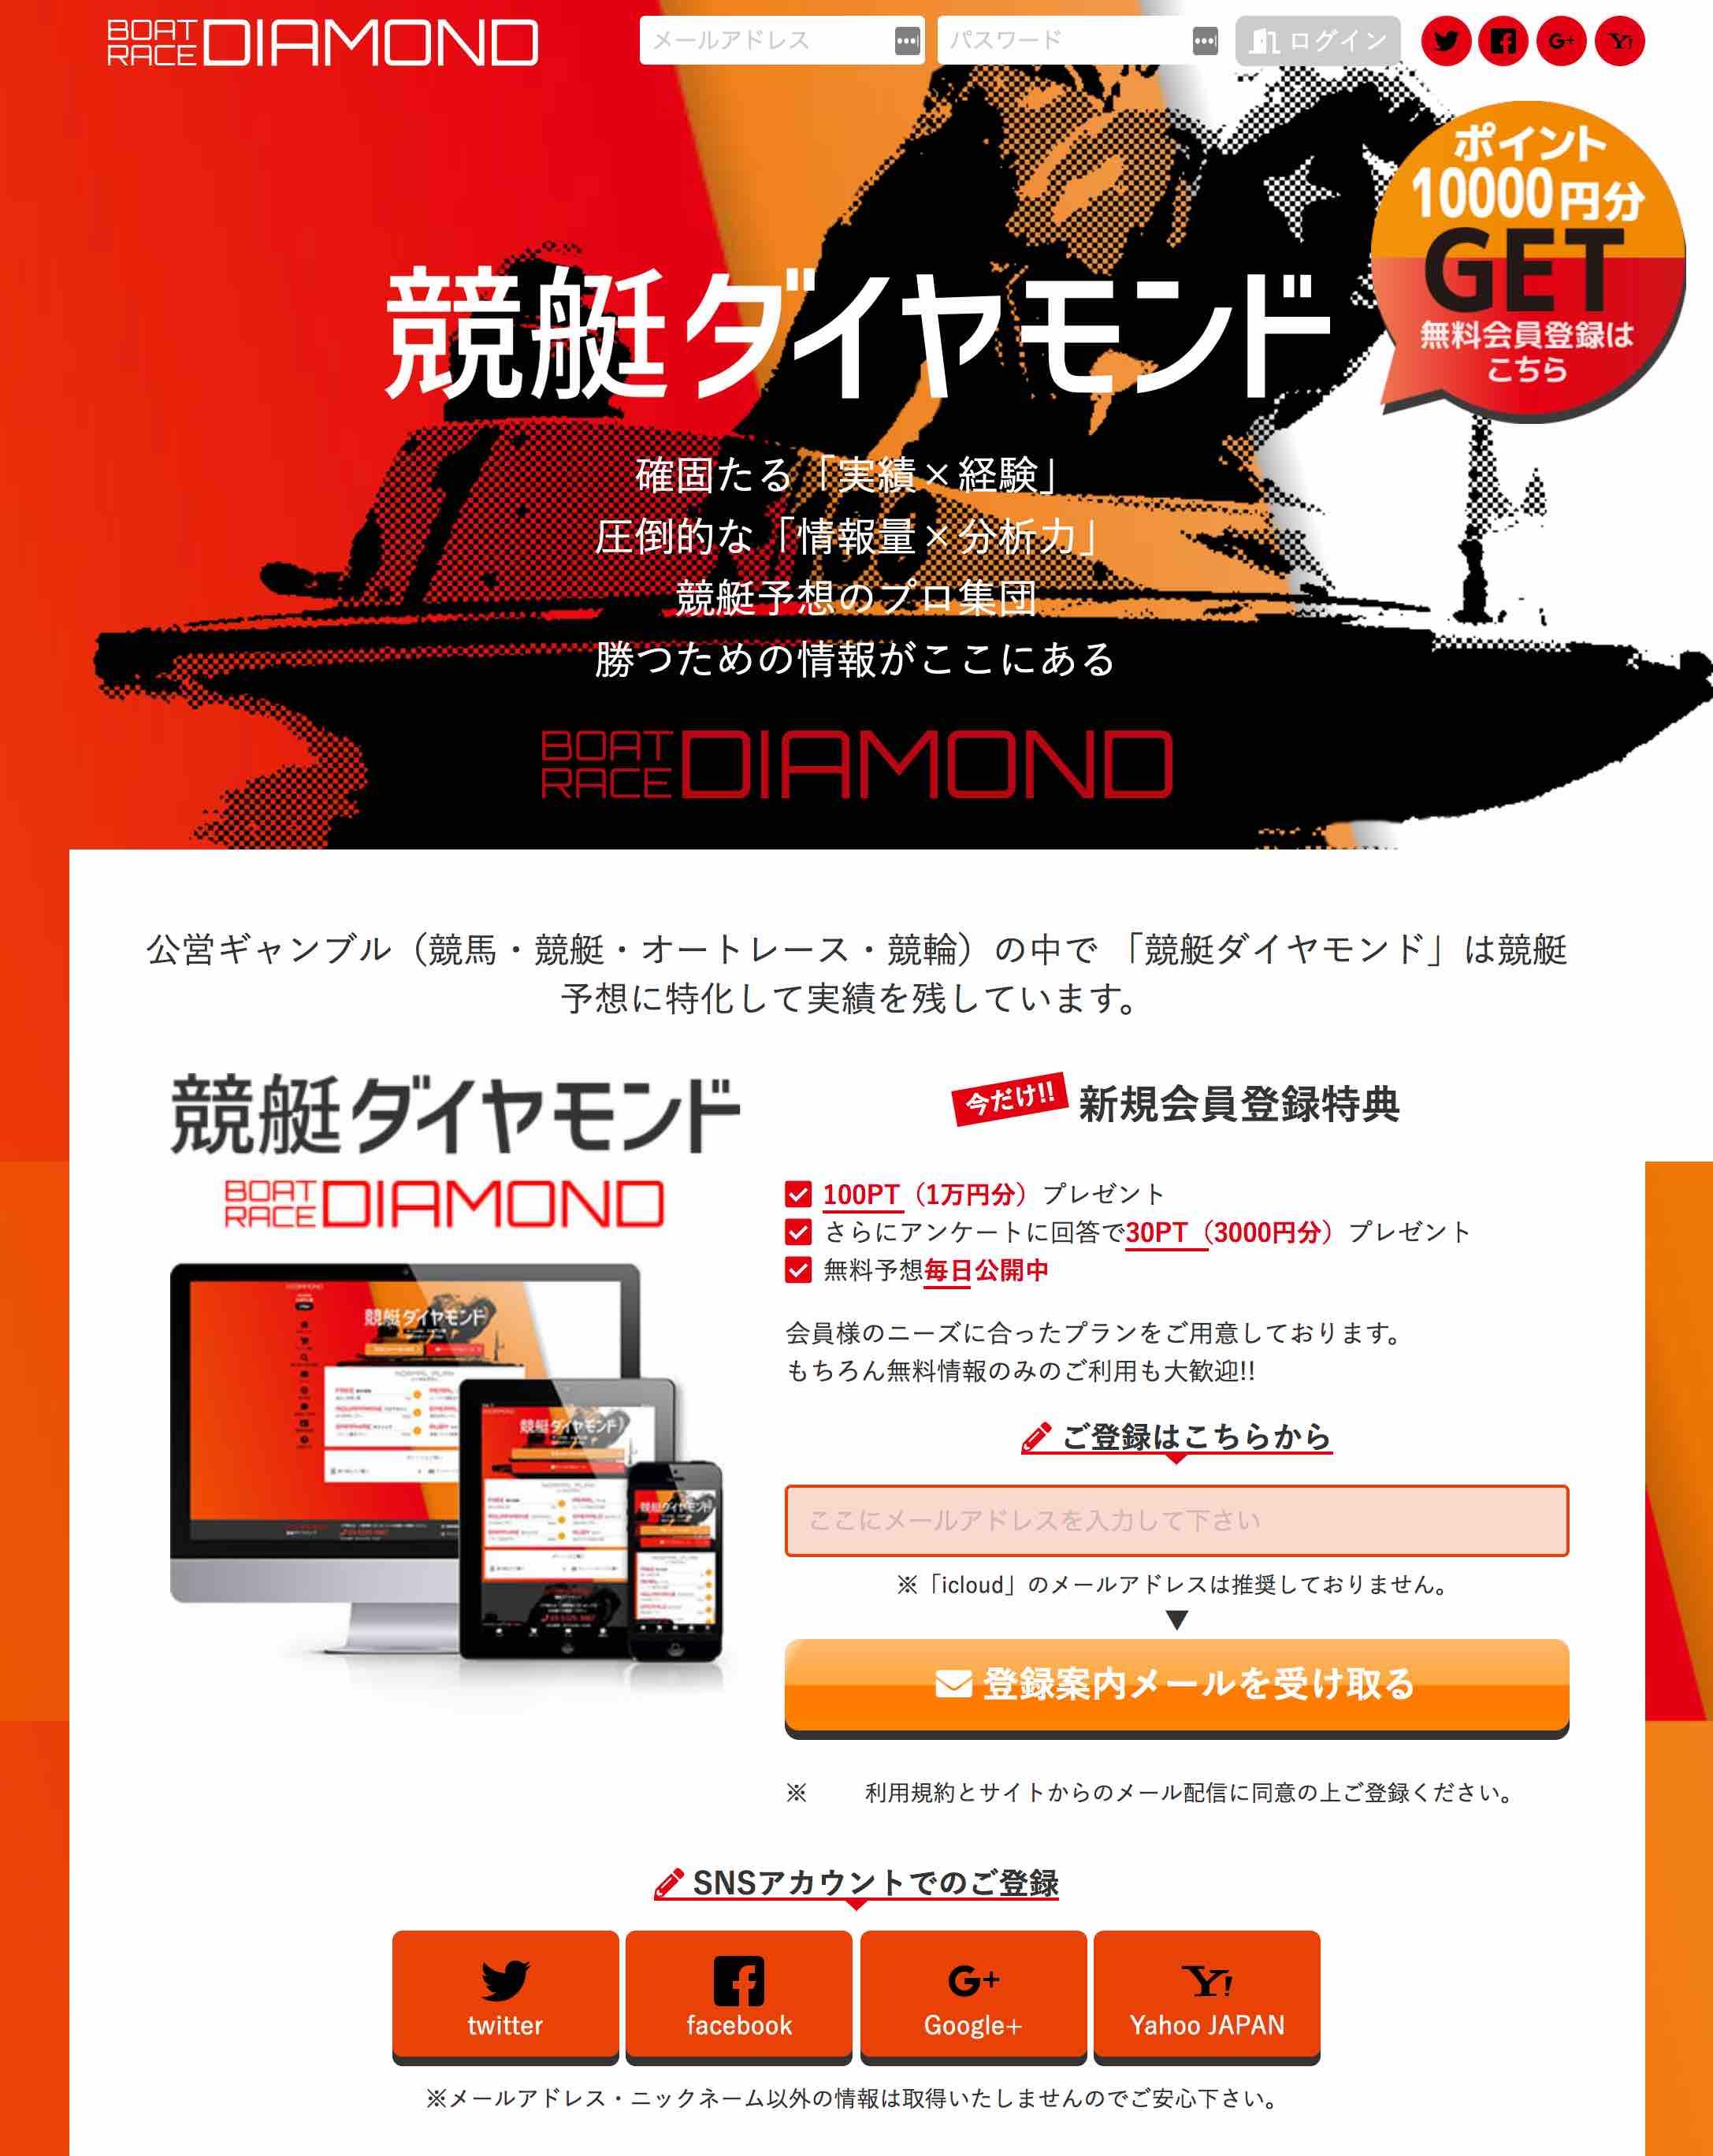 競艇ダイヤモンドという競艇予想サイトの非会員TOP